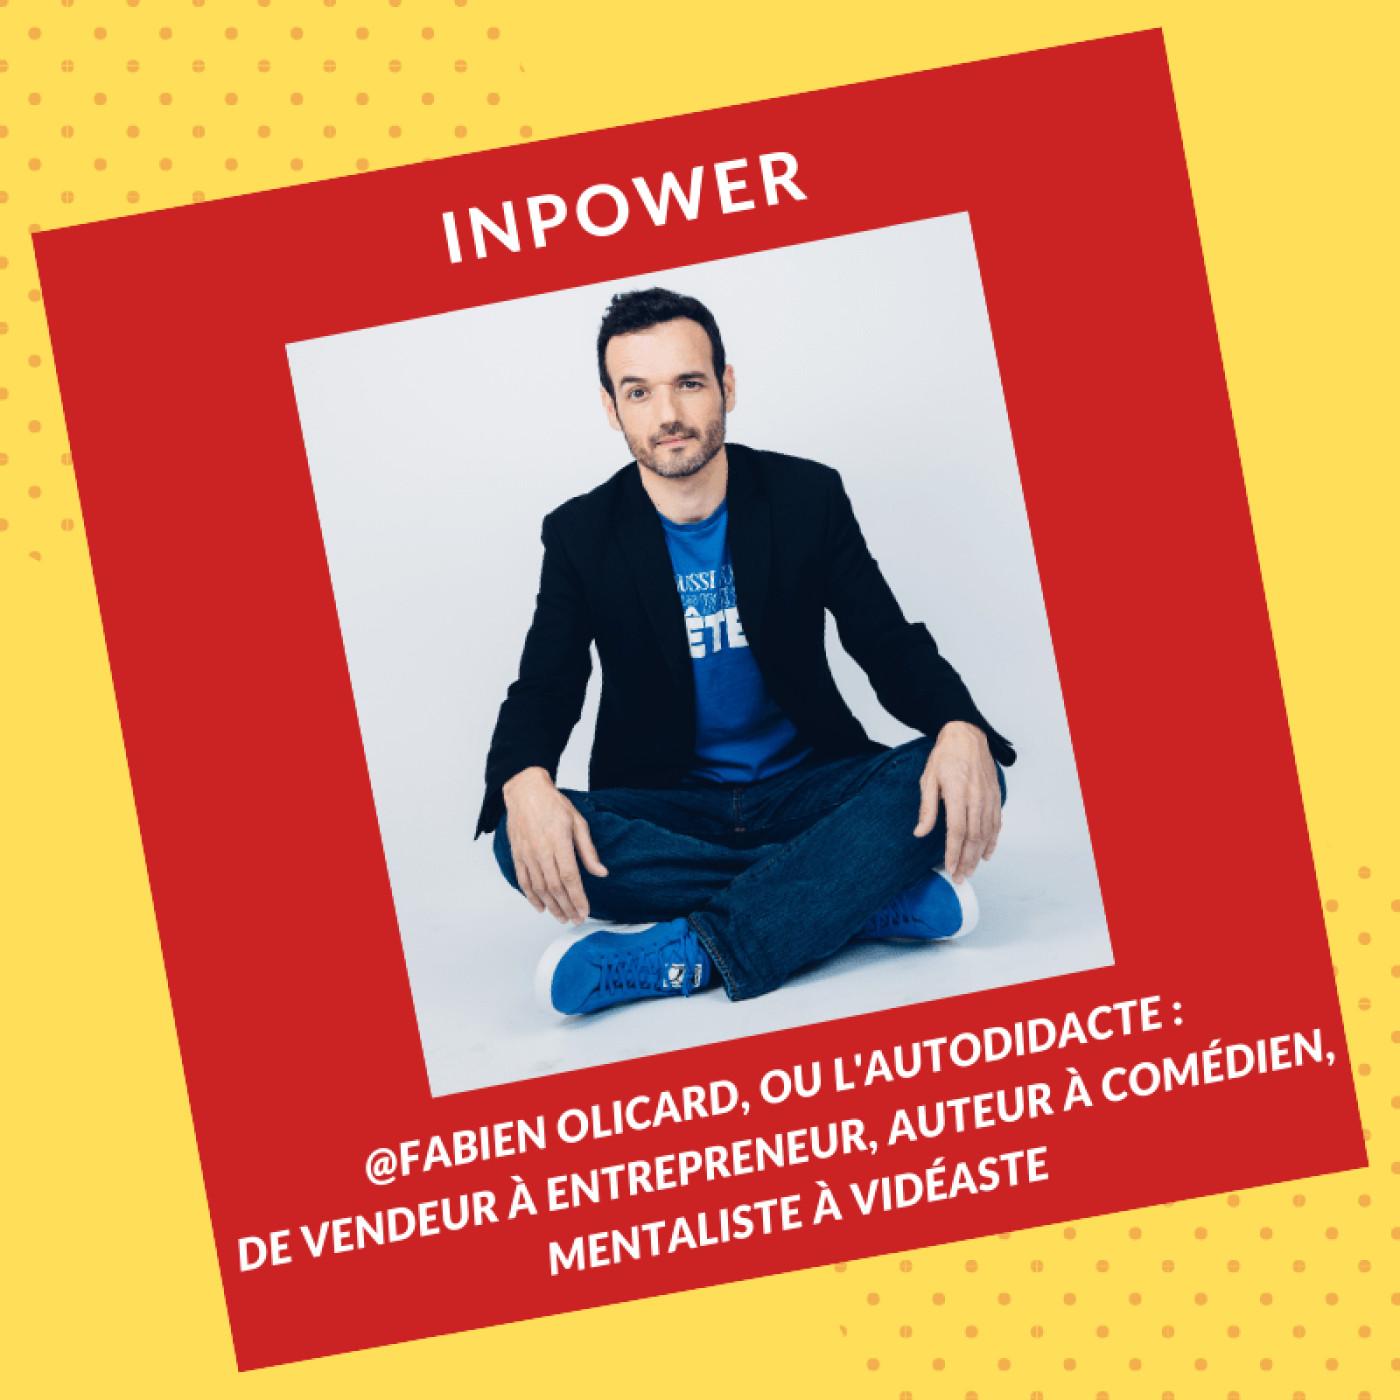 Fabien Olicard, ou l'autodidacte - de vendeur à entrepreneur, auteur à comédien, mentaliste à vidéaste